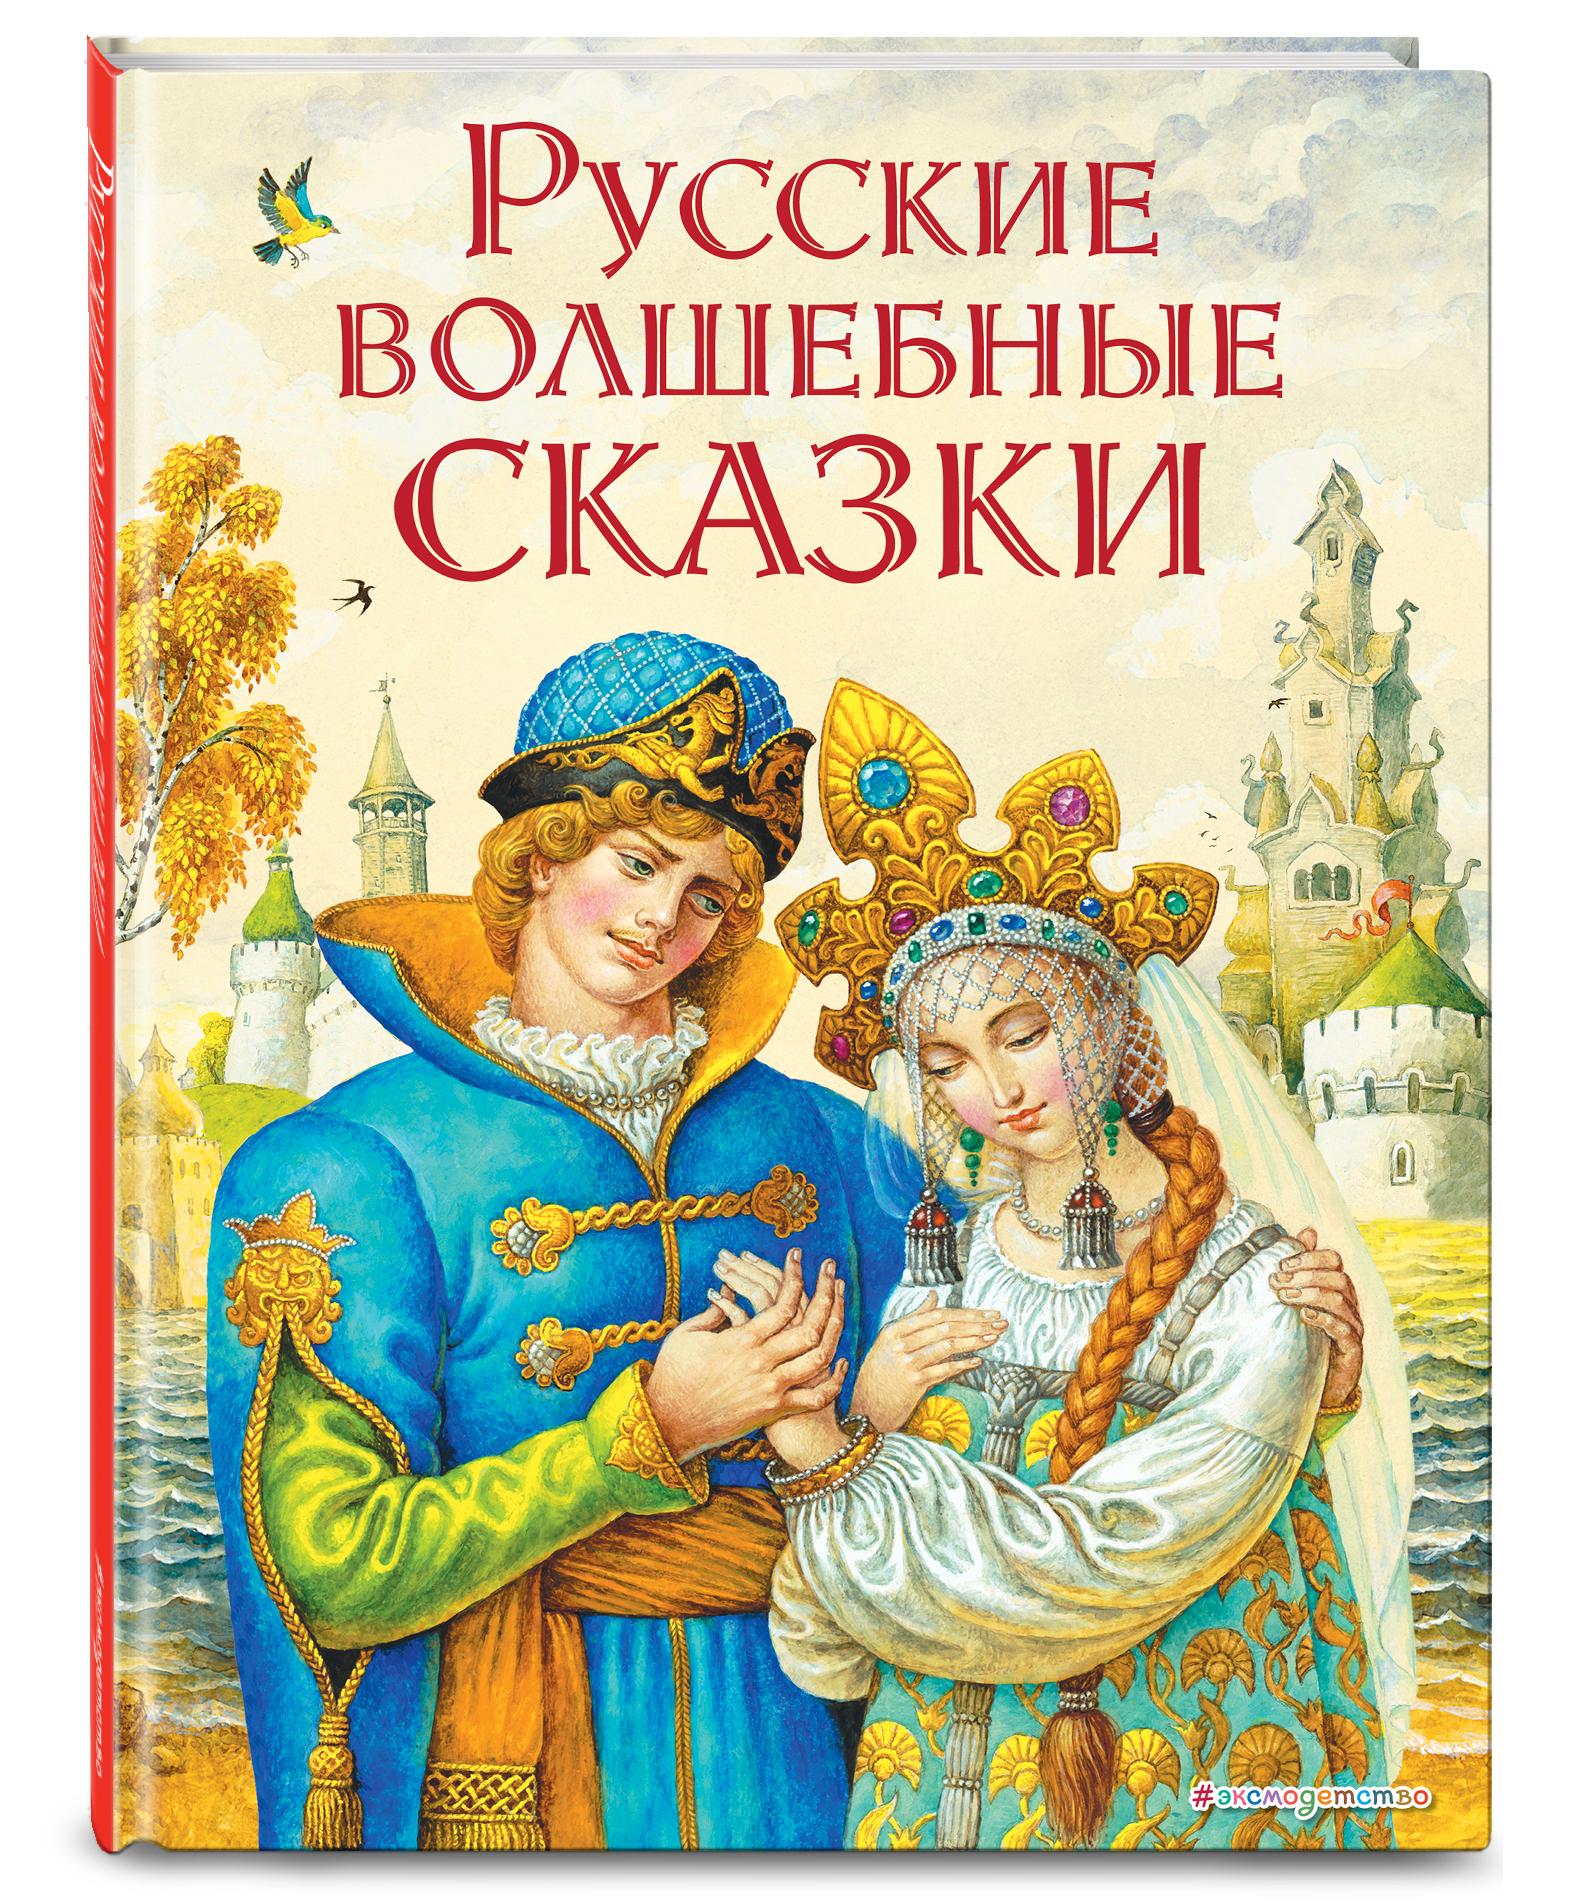 Русские волшебные сказки (ил. И. Егунова) сборник музыкальных сказок морозко